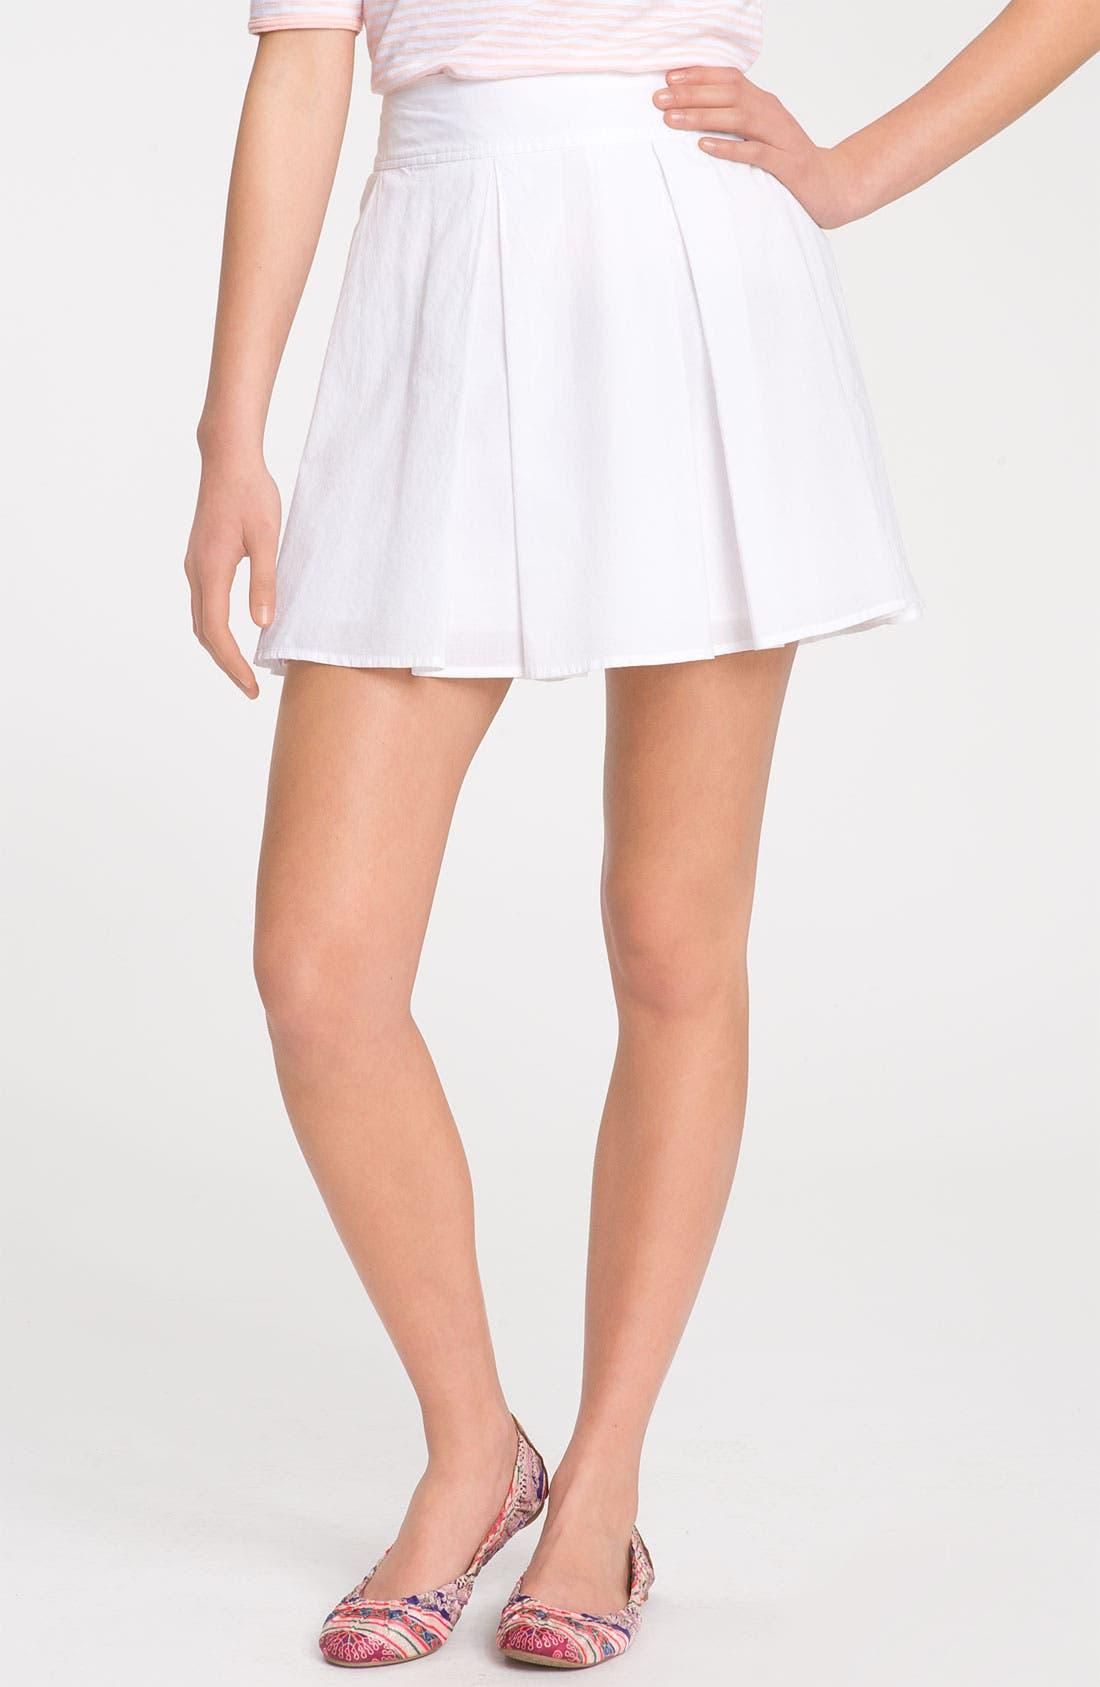 Alternate Image 1 Selected - Frenchi® Box Pleat Full Skirt (Juniors)